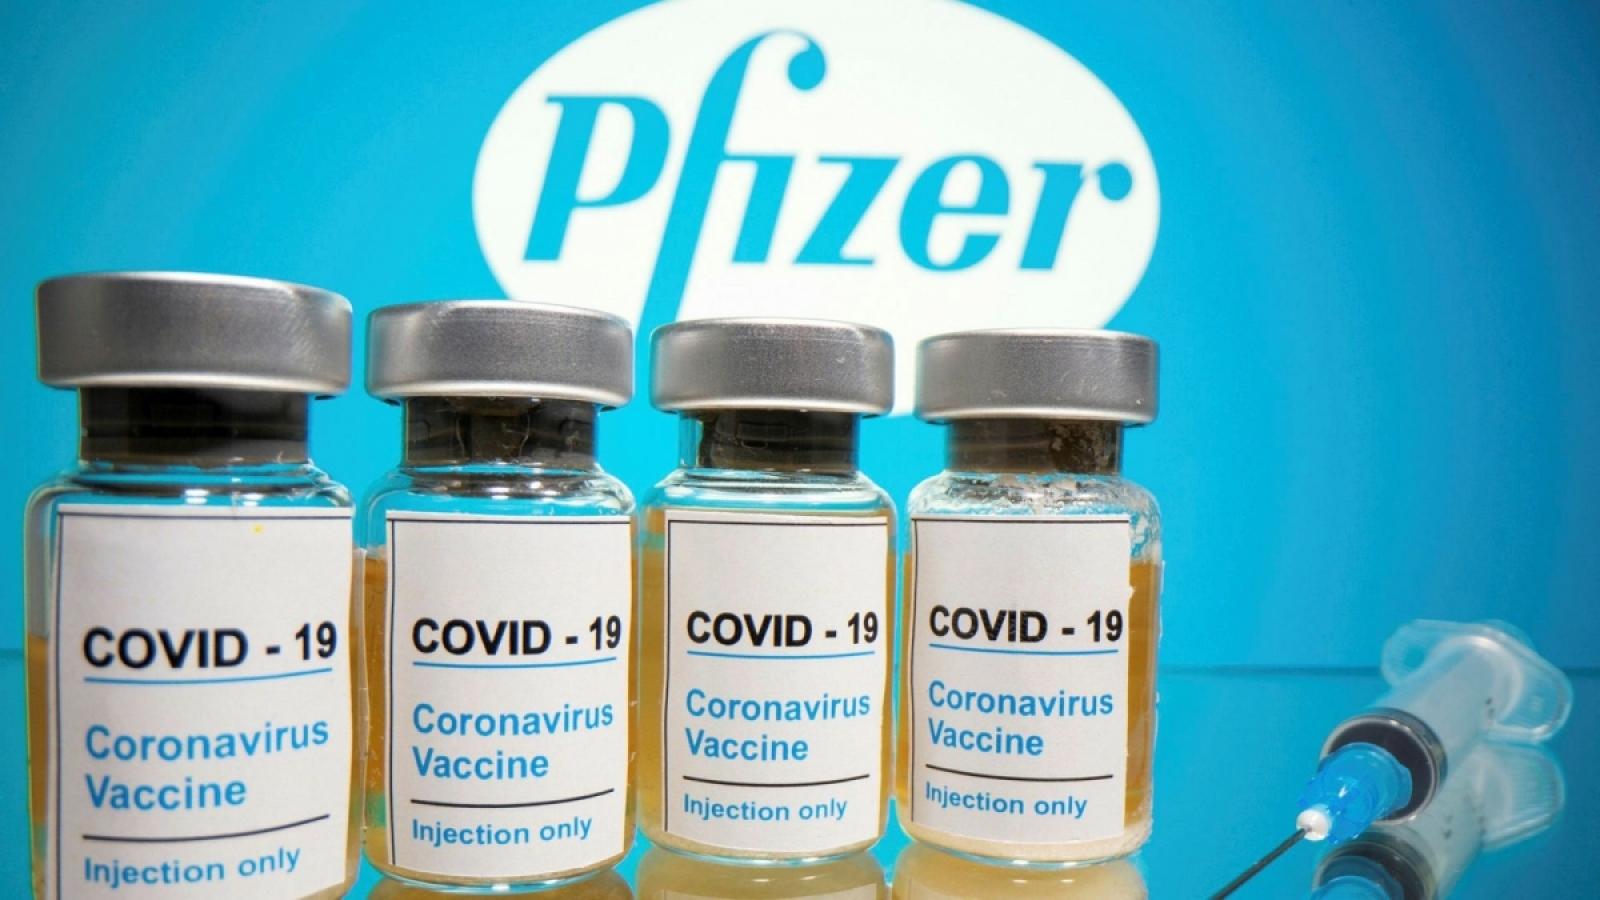 Tiết lộ giá chào bán vaccine của Pfizer dành cho Việt Nam